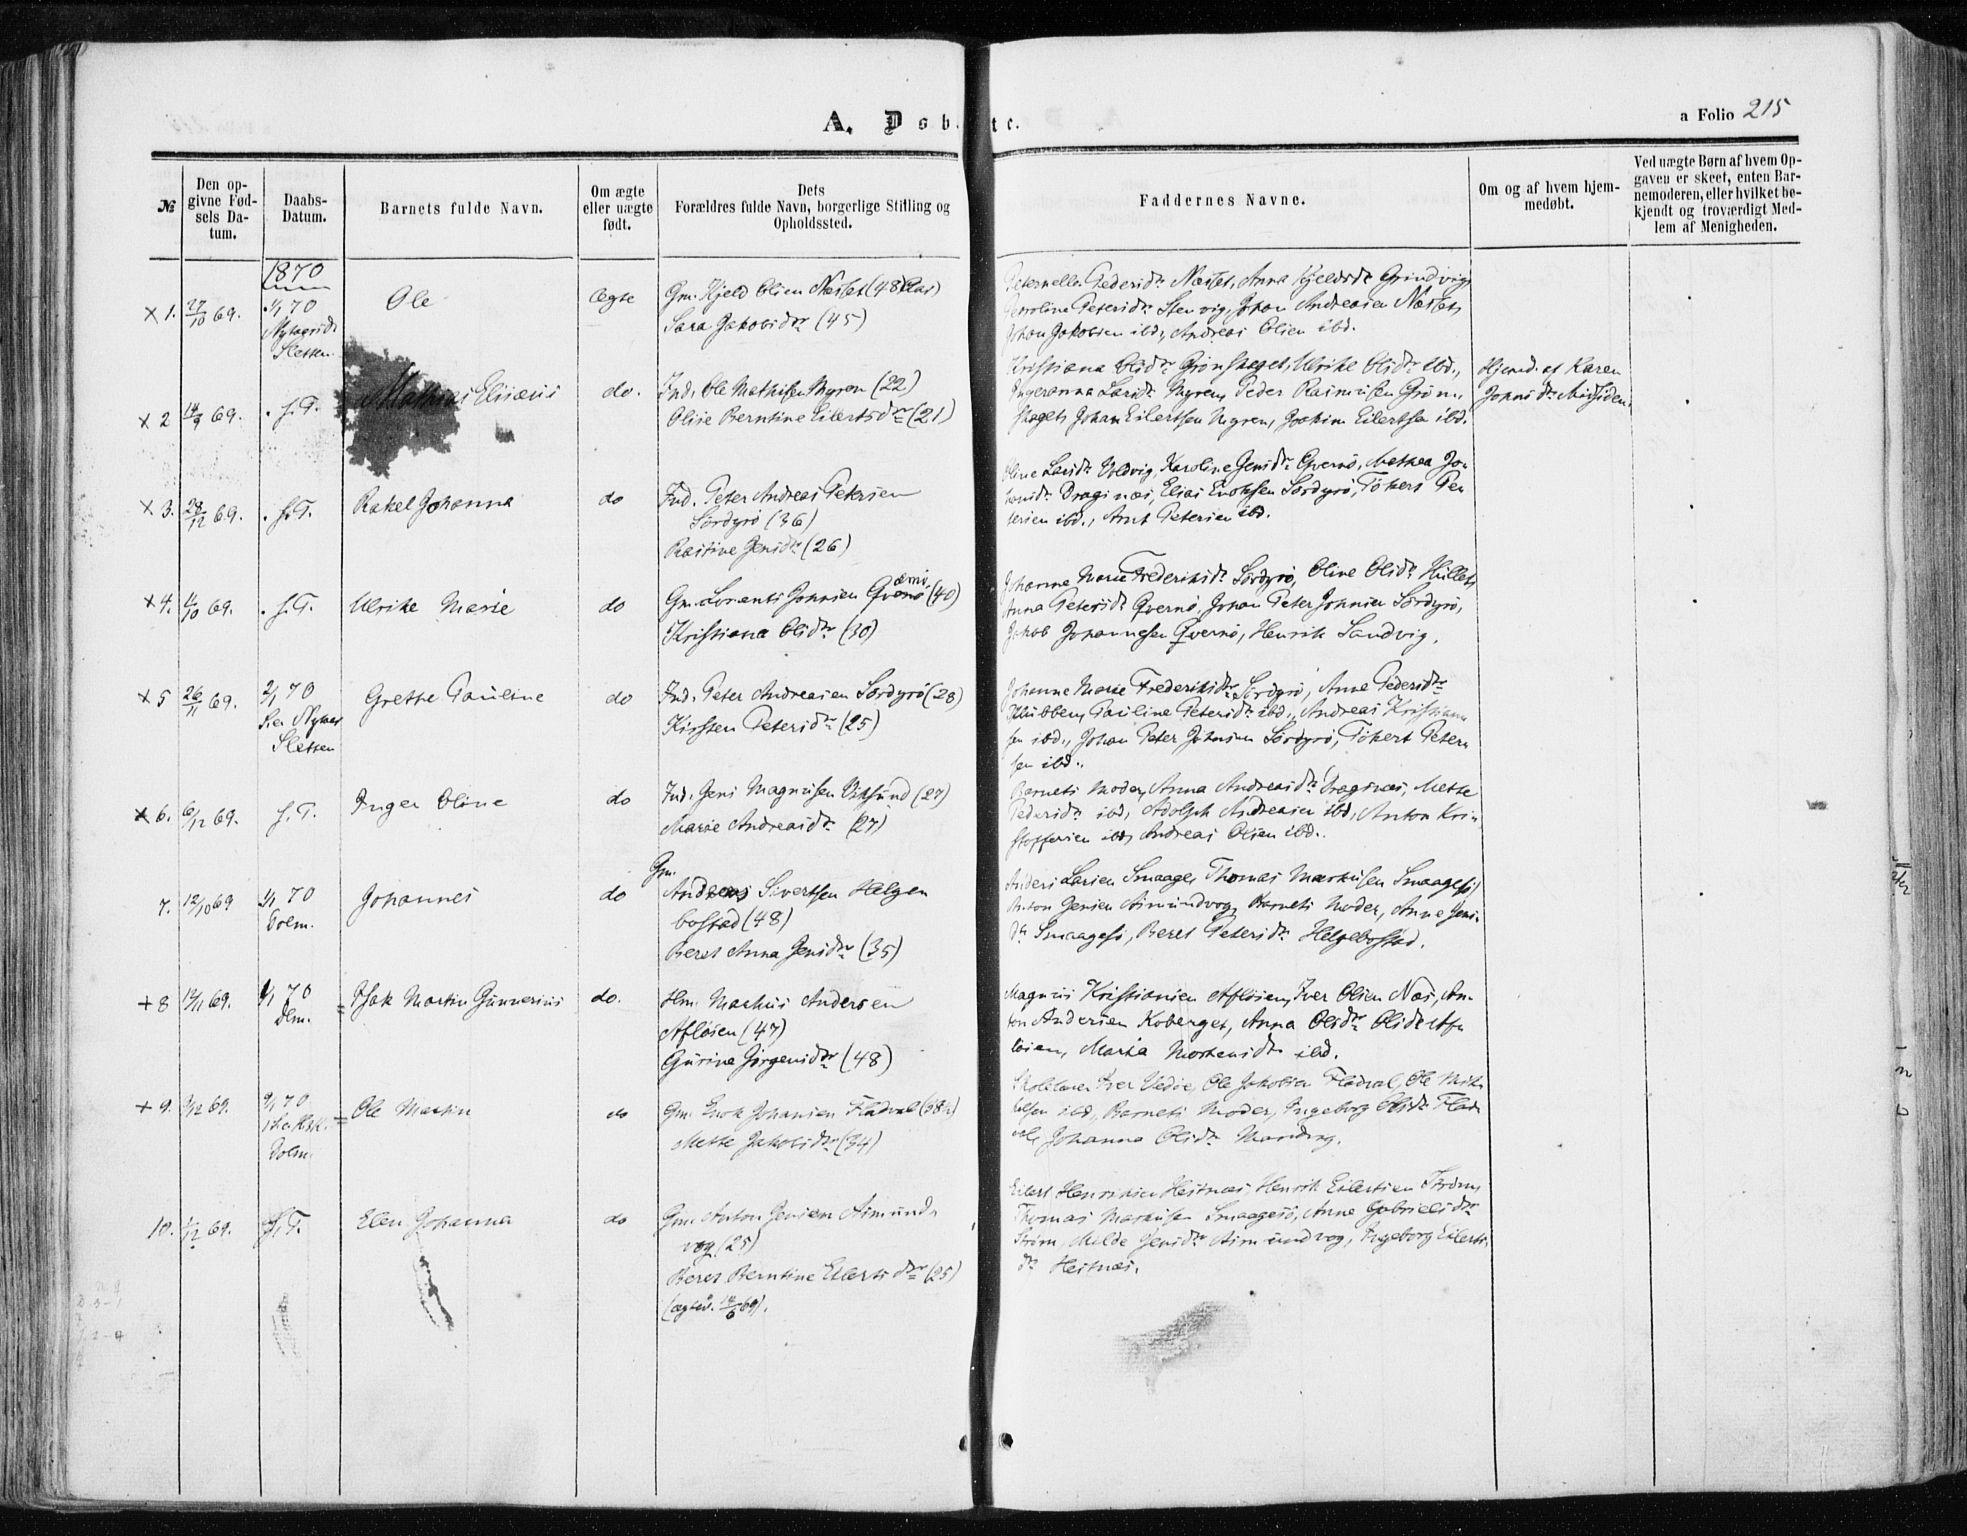 SAT, Ministerialprotokoller, klokkerbøker og fødselsregistre - Sør-Trøndelag, 634/L0531: Ministerialbok nr. 634A07, 1861-1870, s. 215